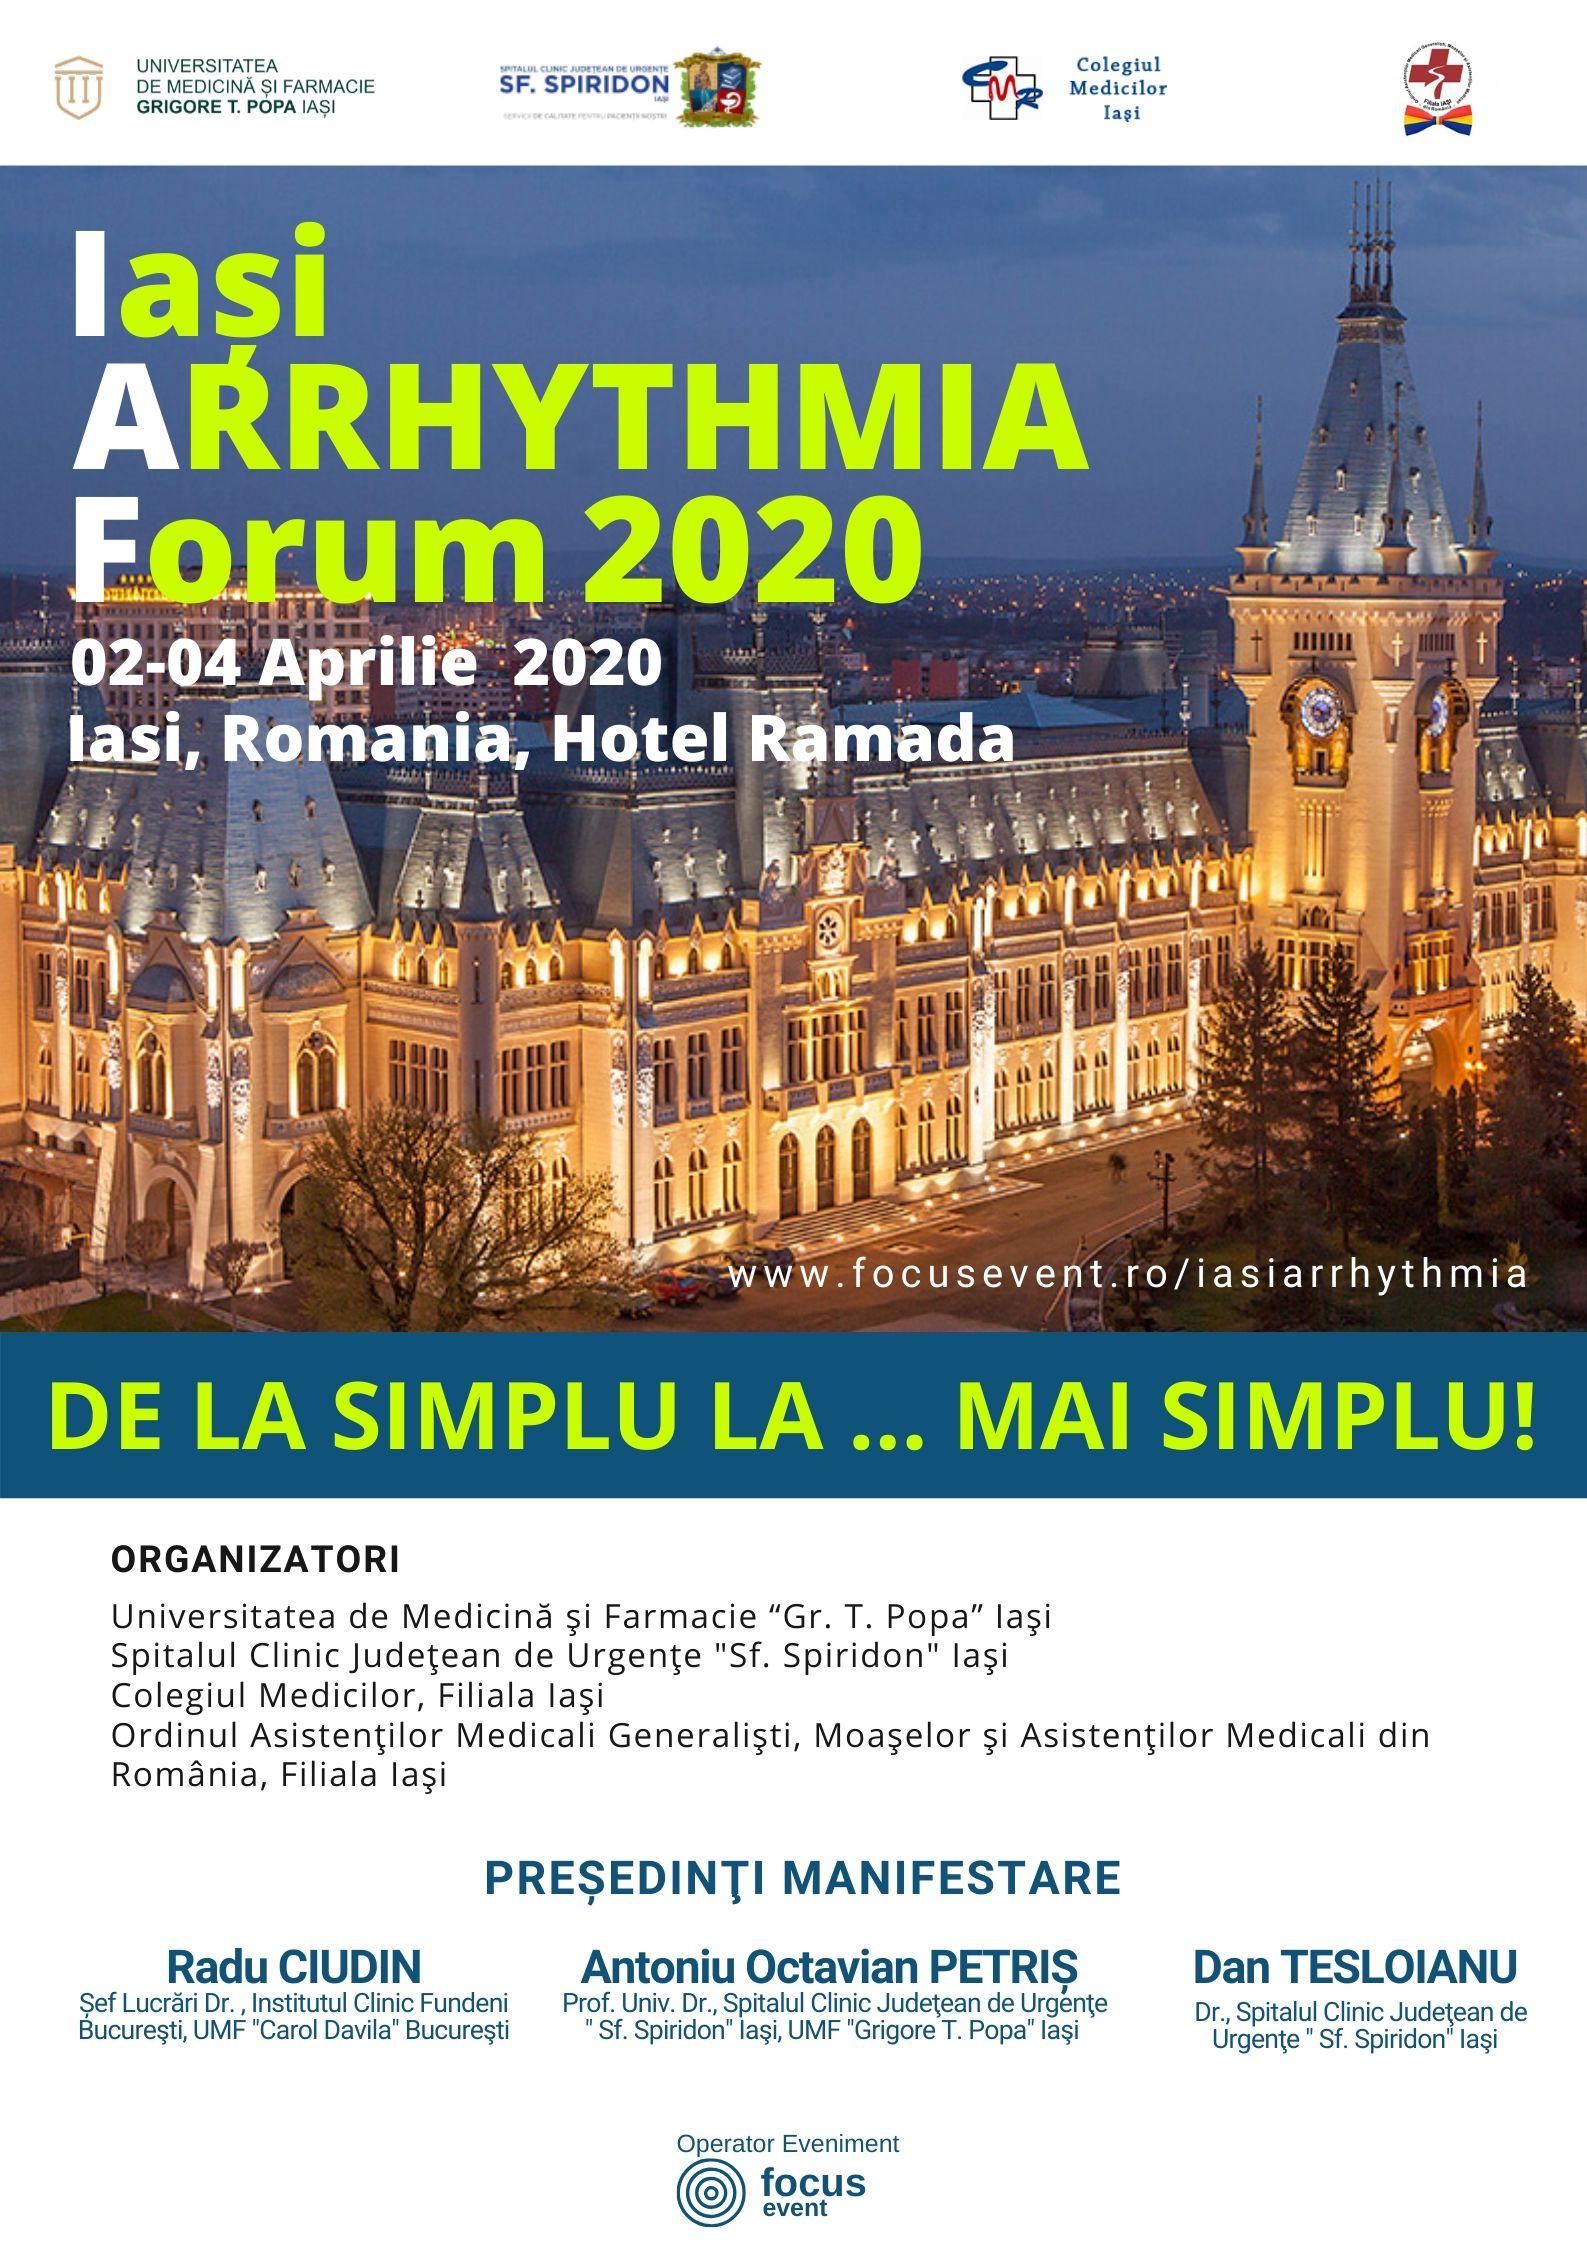 AFIS IASI ARRHYTHMIA FORUM 2020